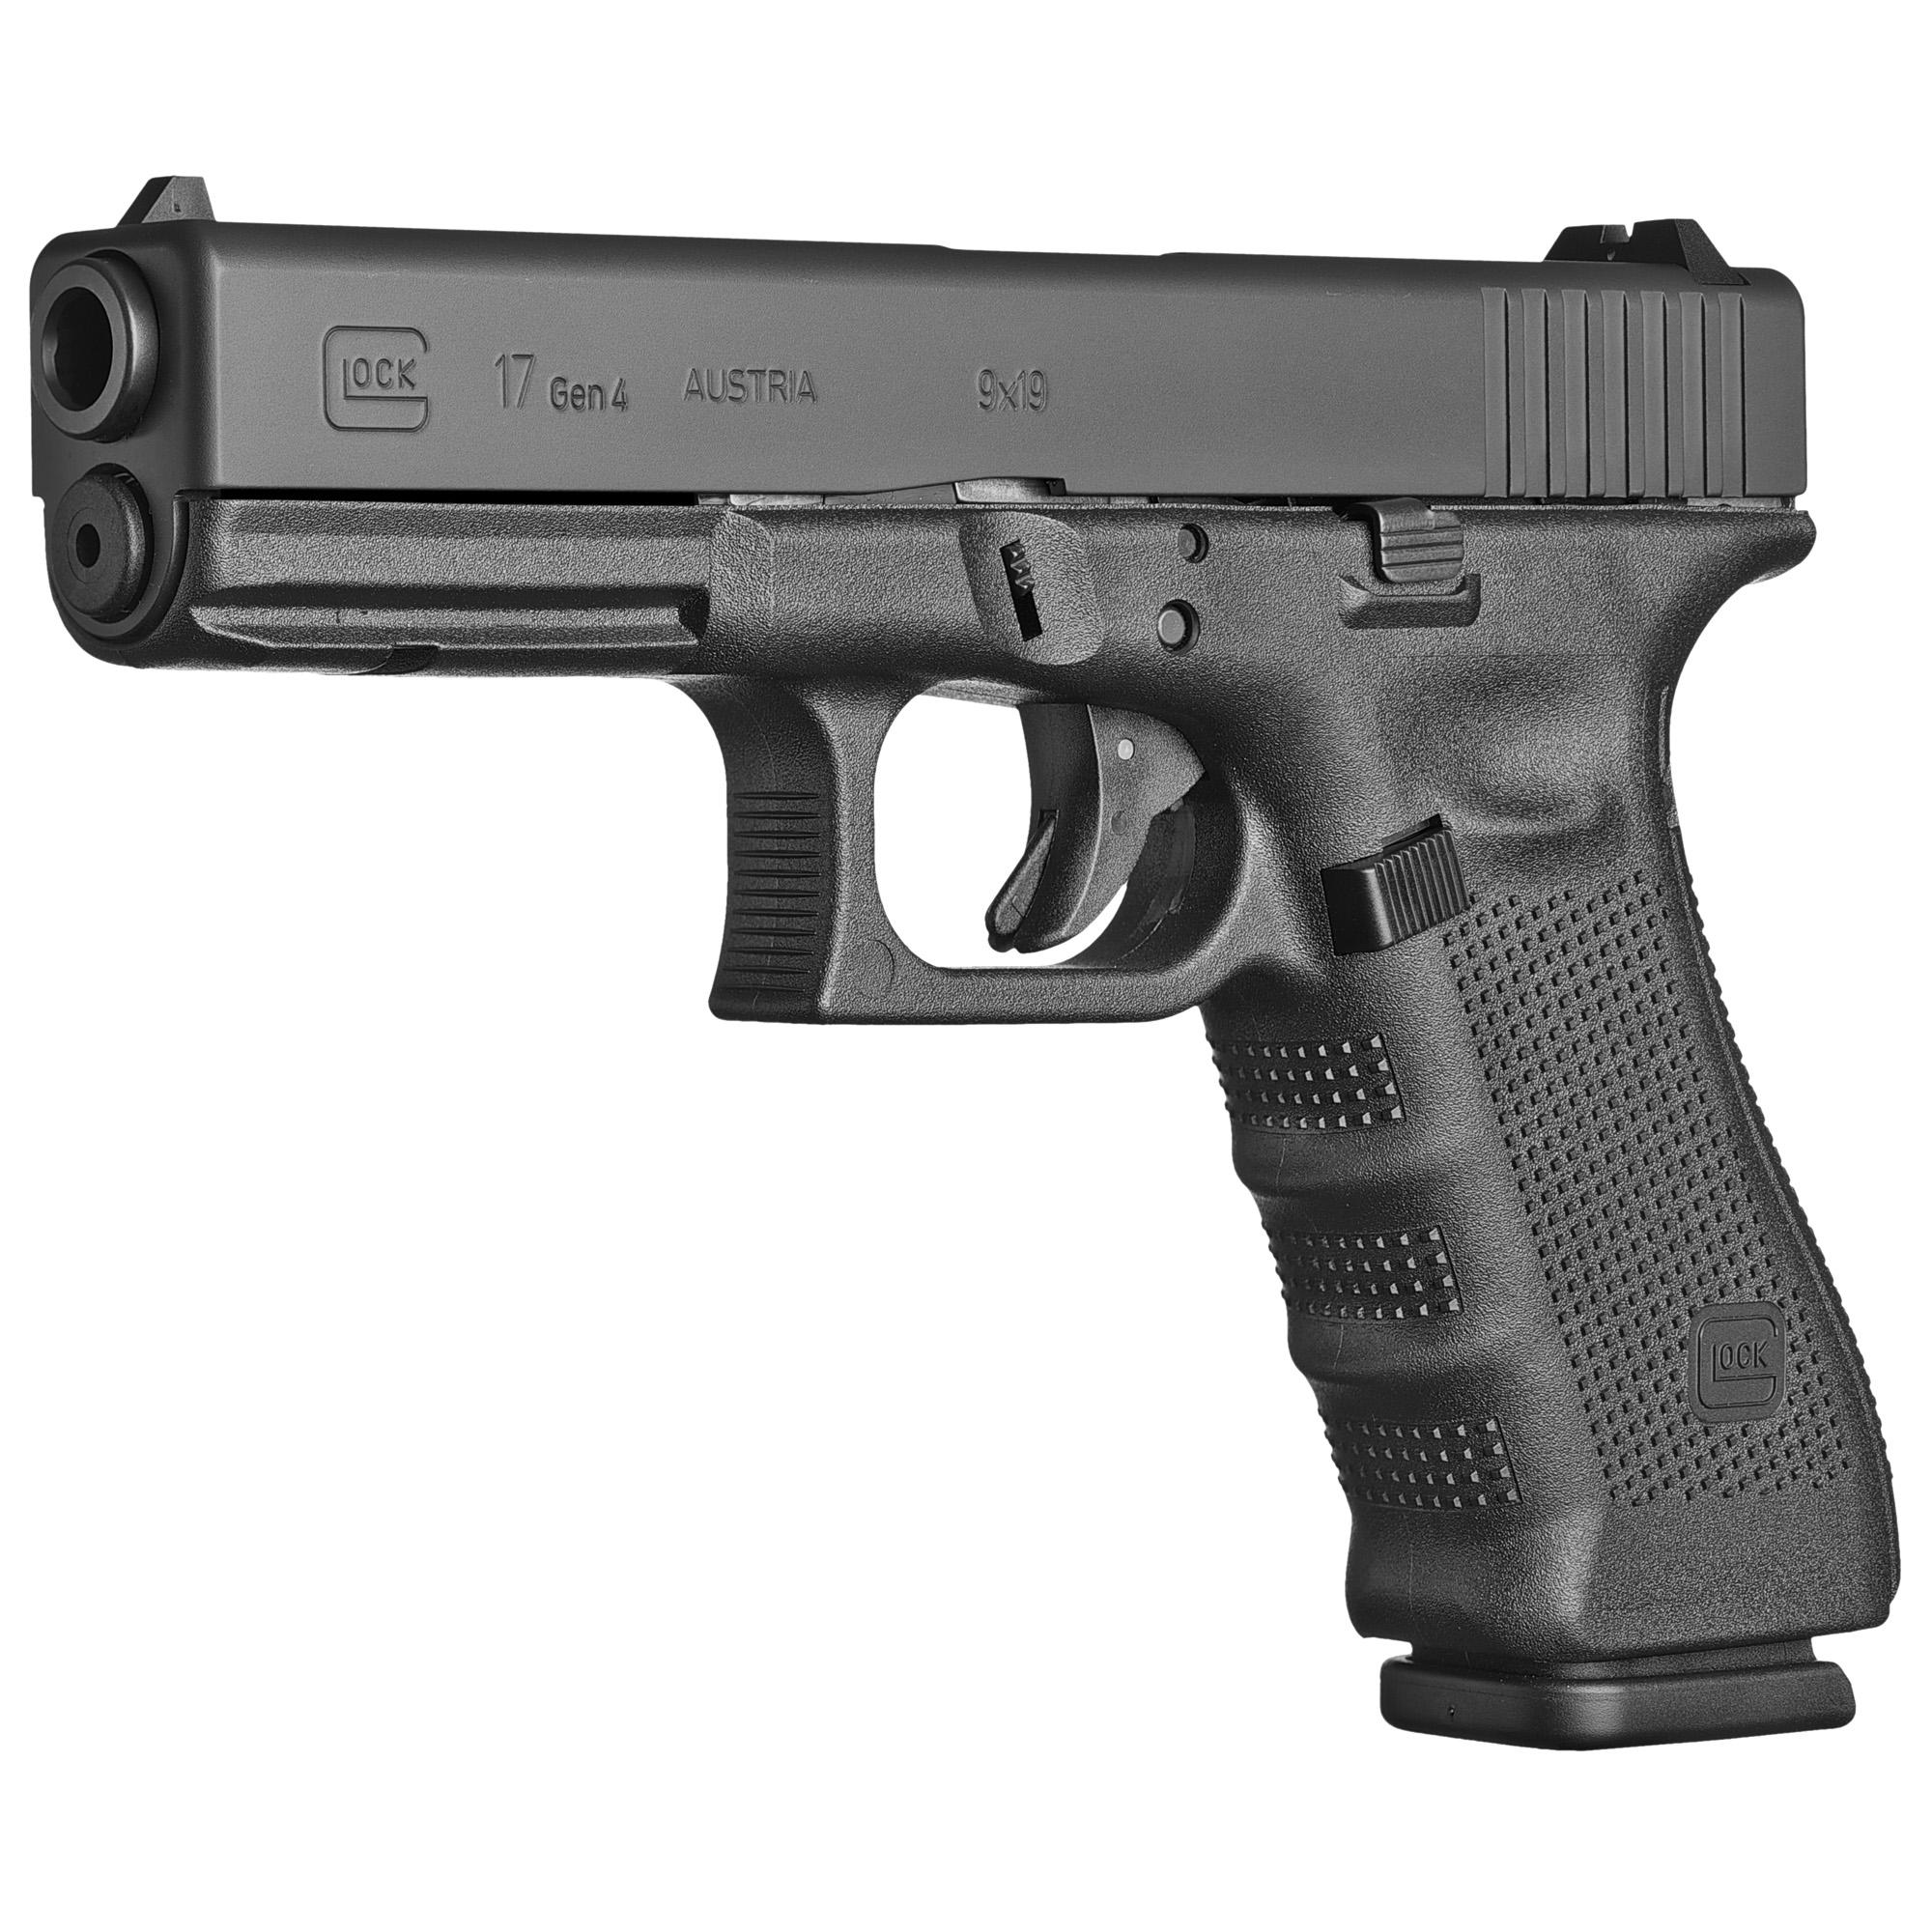 Glock 17 Gen4 9mm 17rd Fs Rebuilt